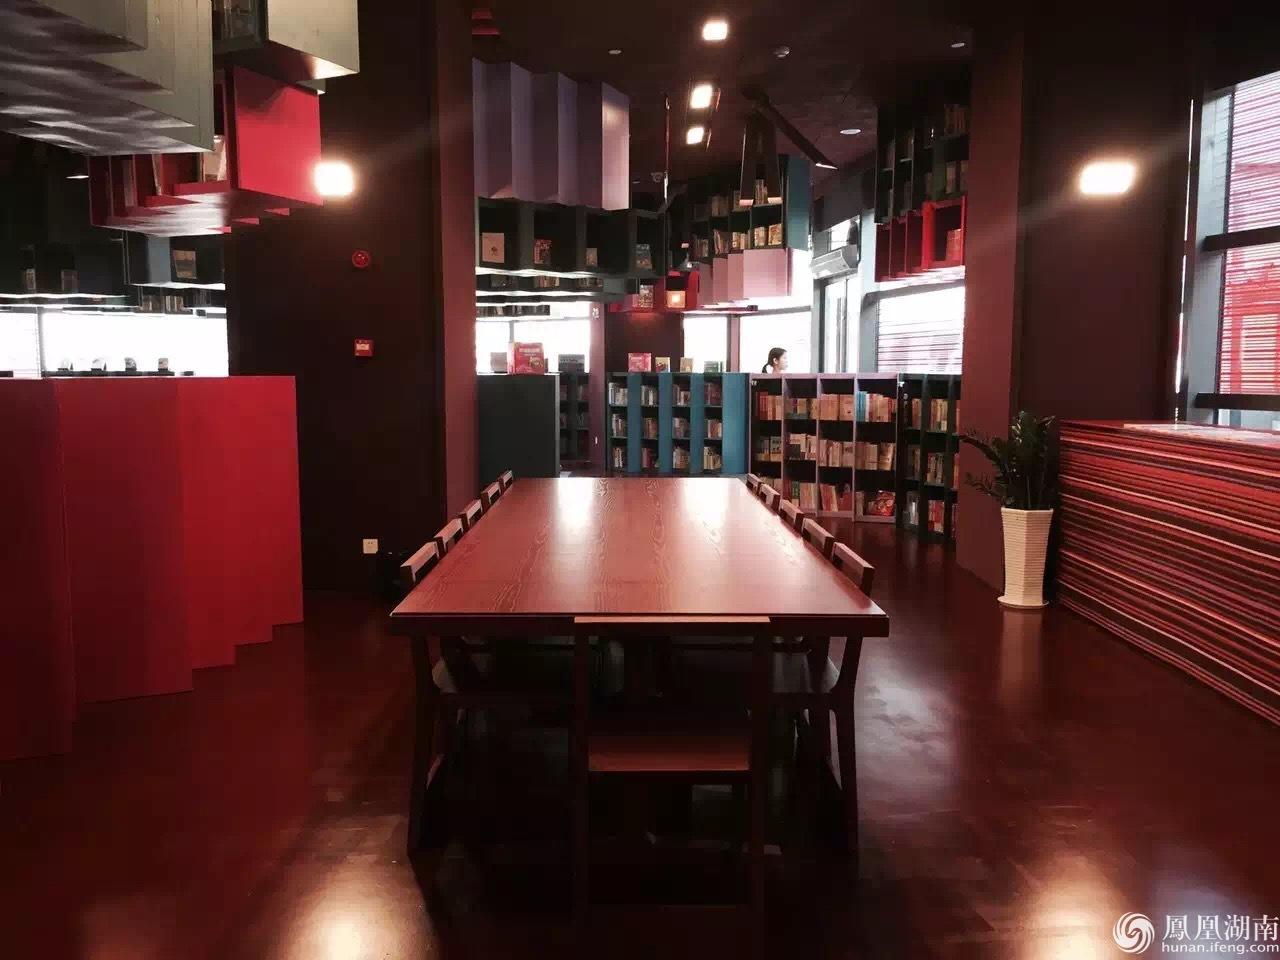 梅溪书院设计师:中国红的书店是长沙独有建筑